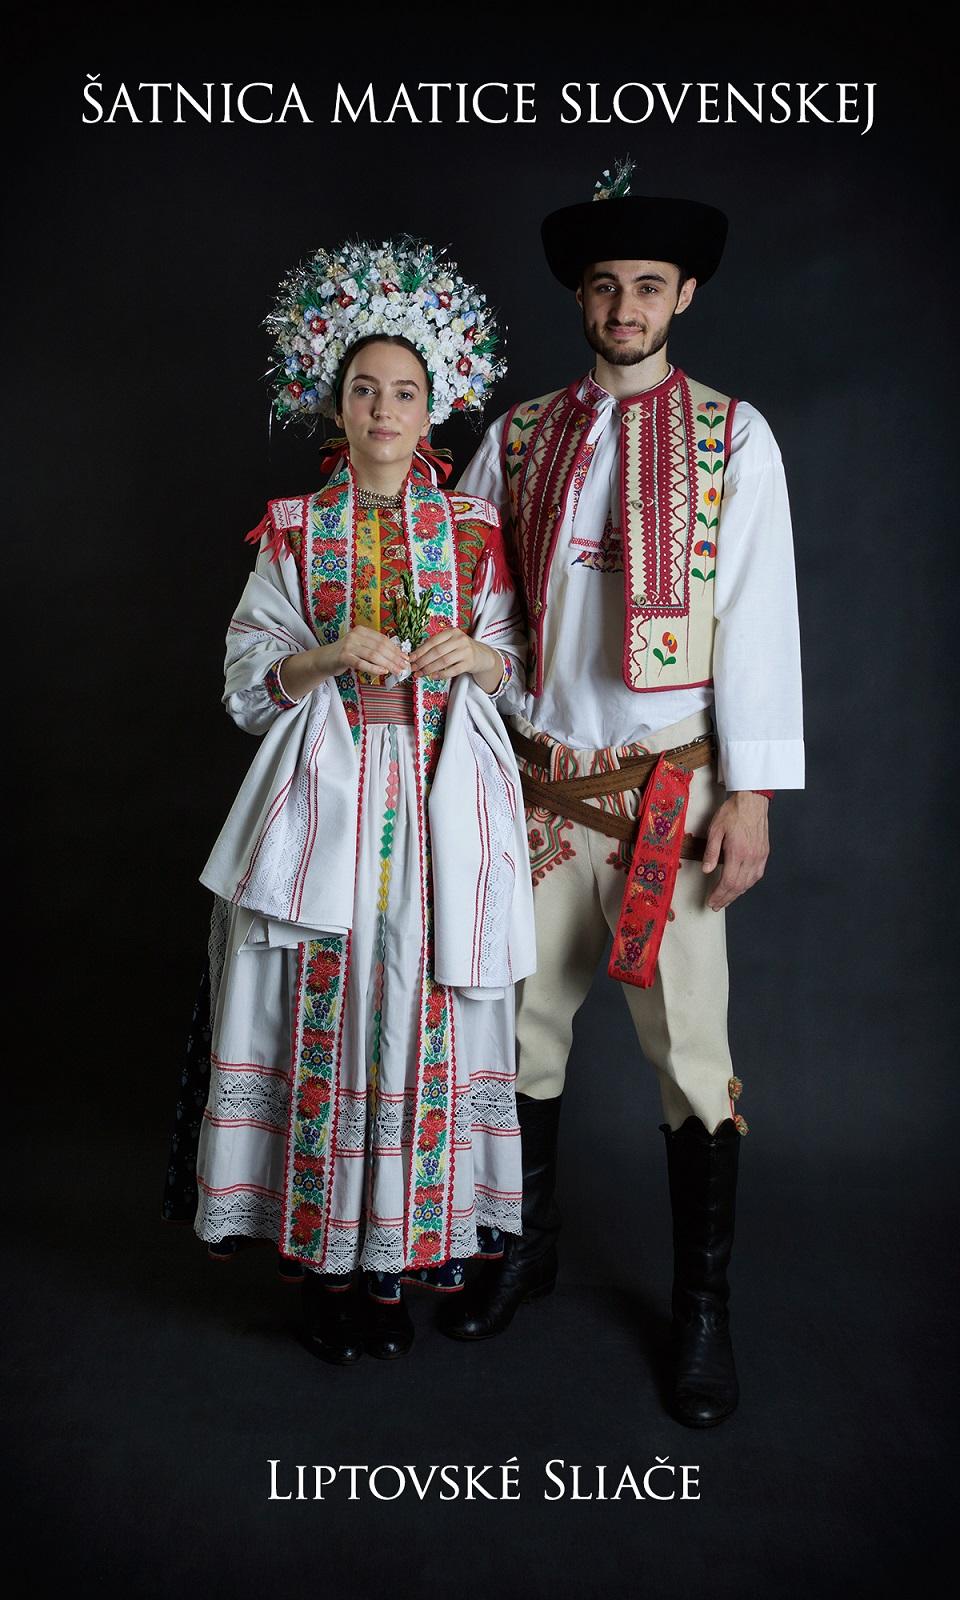 ac9a6ede4 Požičajte si svadobné kroje zo Šatnice Matice slovenskej.